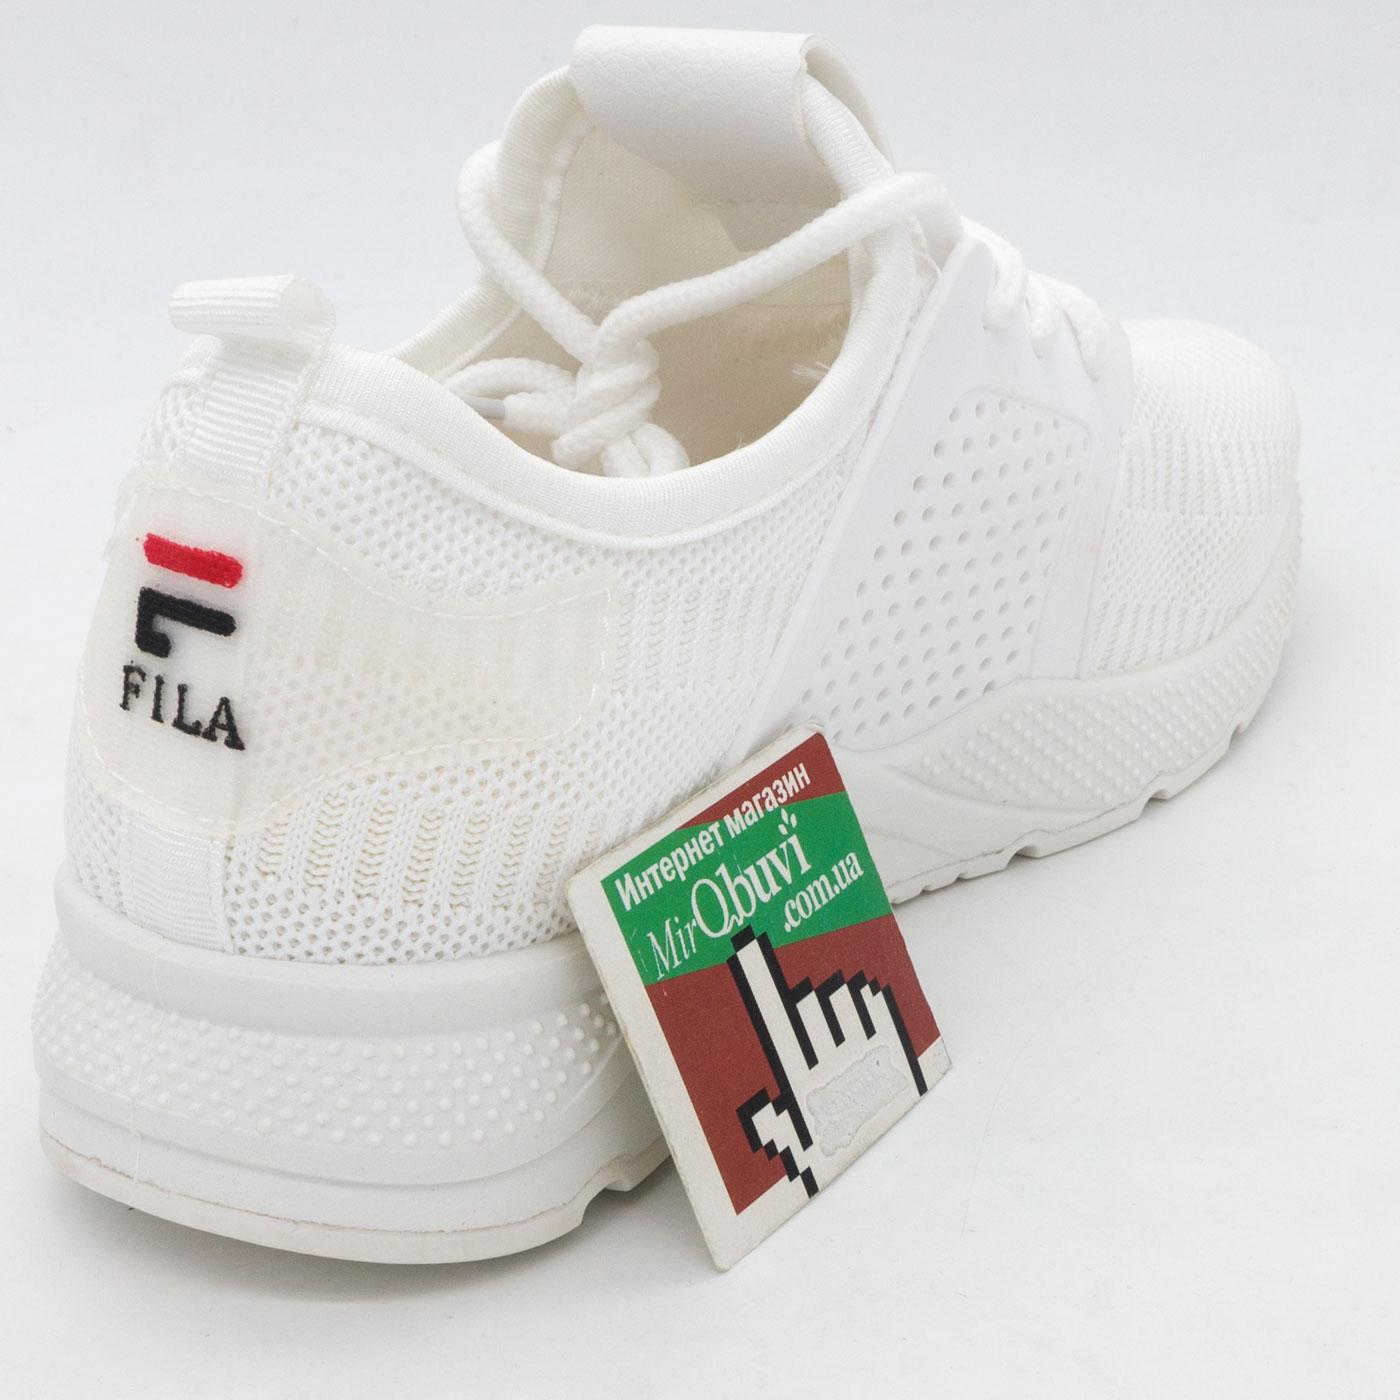 фото back Белые летние кроссовки Lady Lily - FILA back